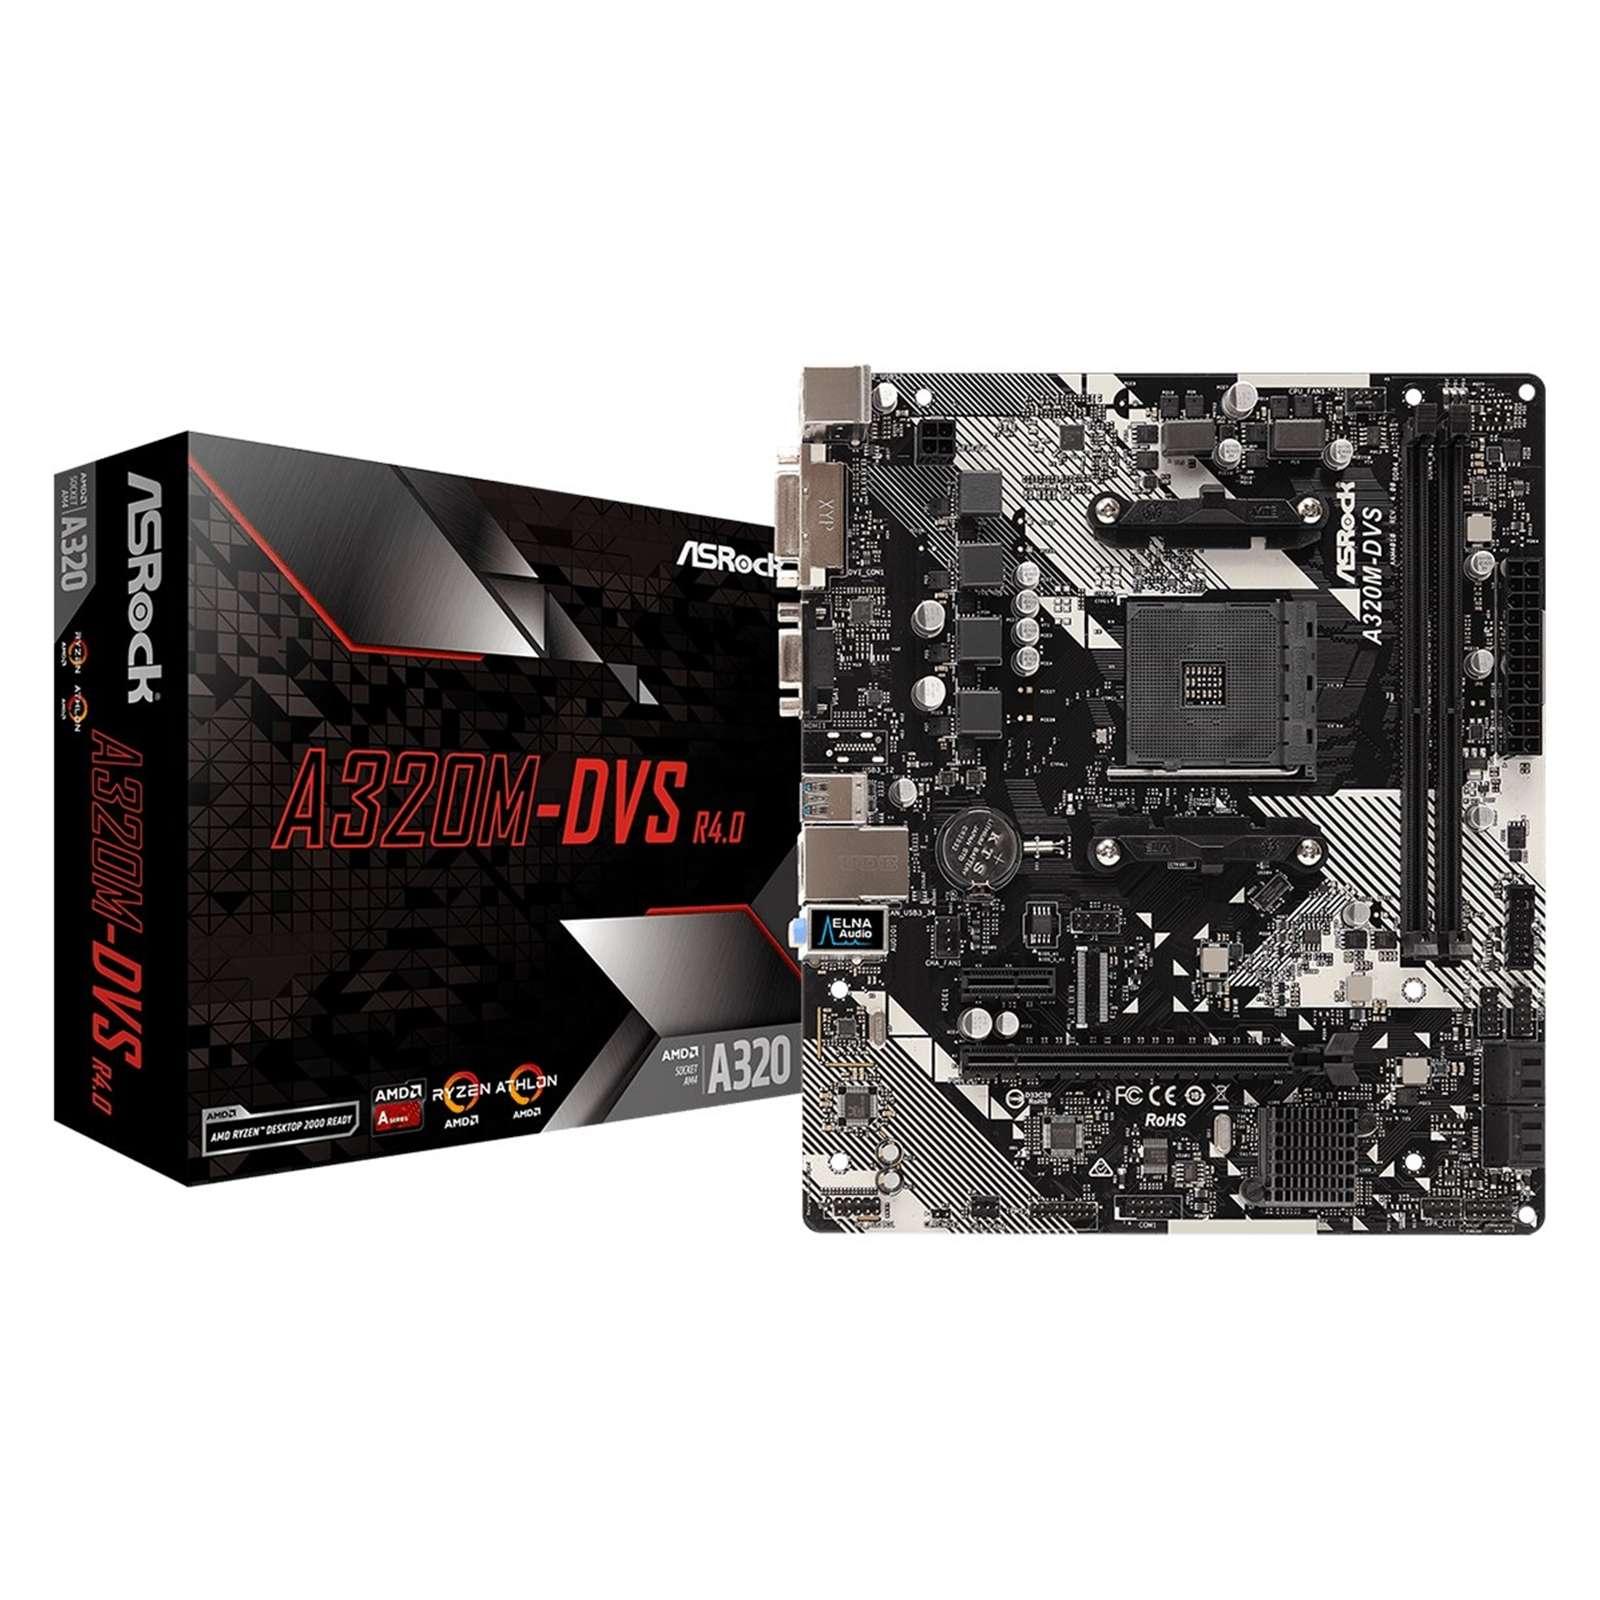 ASRock A320M-DVS R4.0 AMD Socket AM4 DDR4 Micro ATX DVI-D/VGA USB 3.1 Motherboard